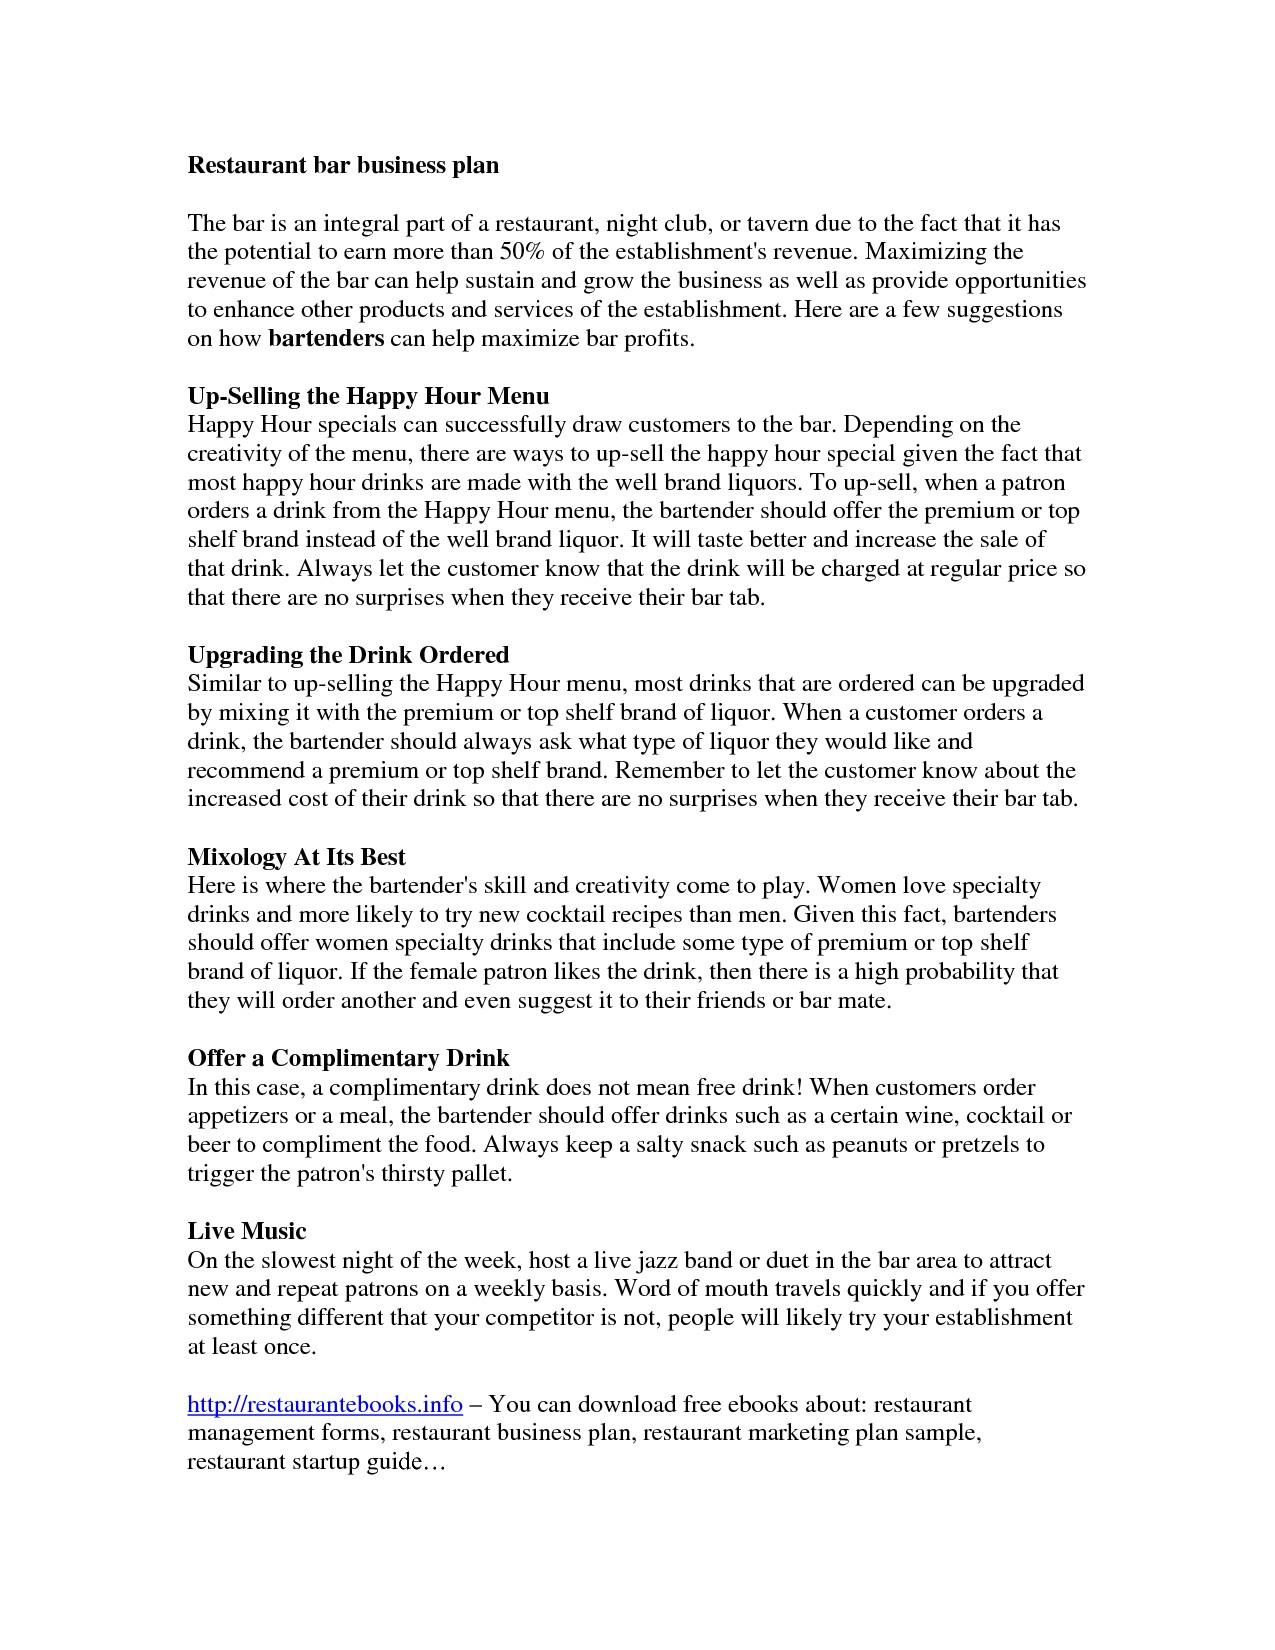 restaurant business plan template